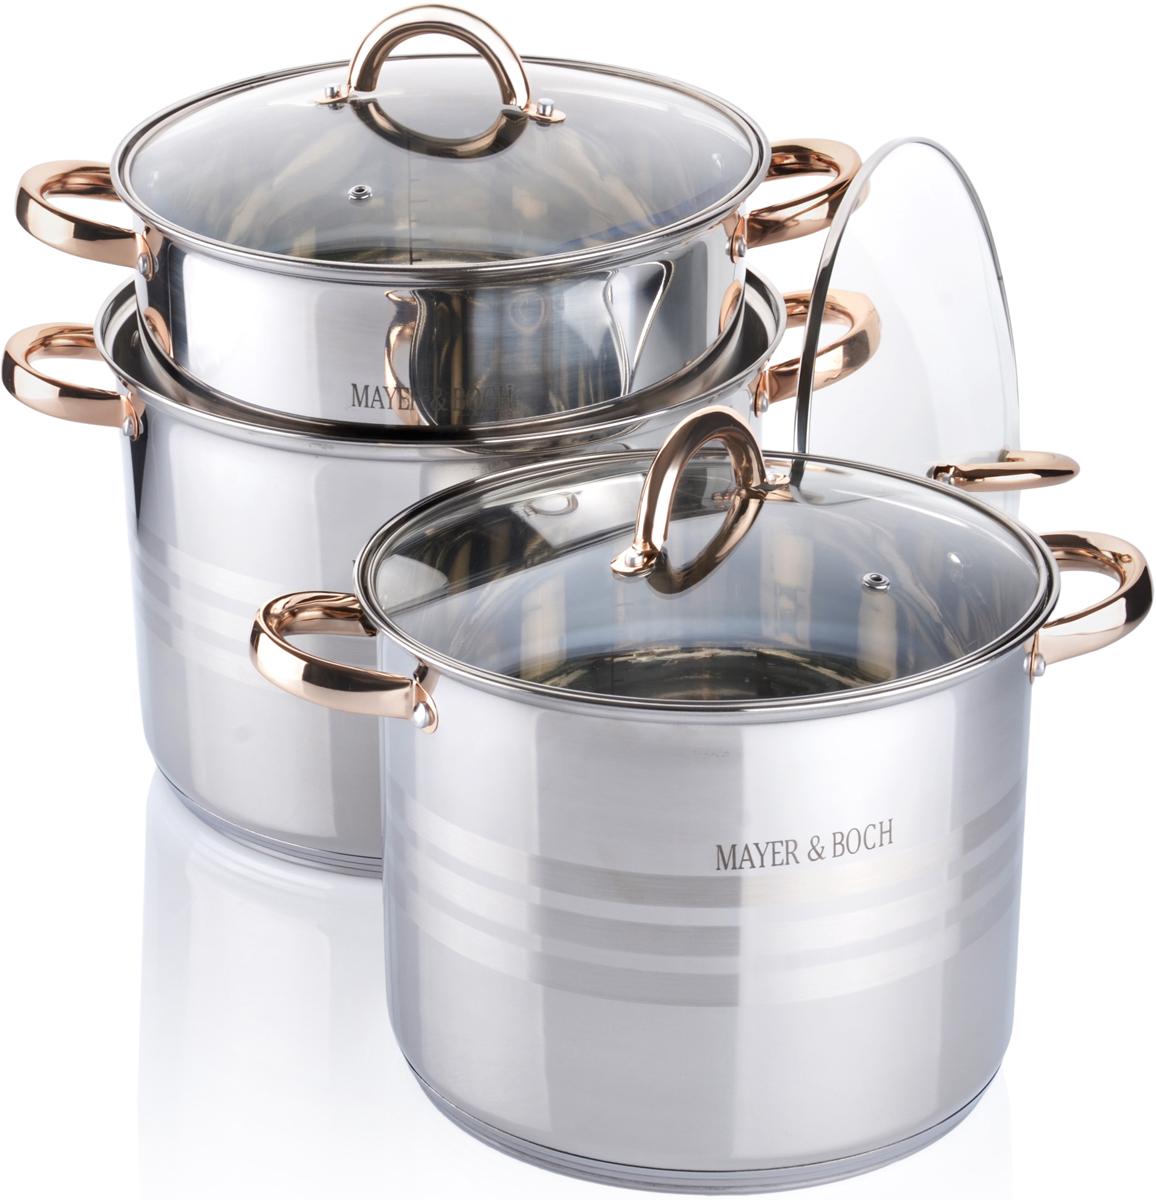 Набор посуды Mayer & Boch, 6 предметов. 26701 набор посуды mayer